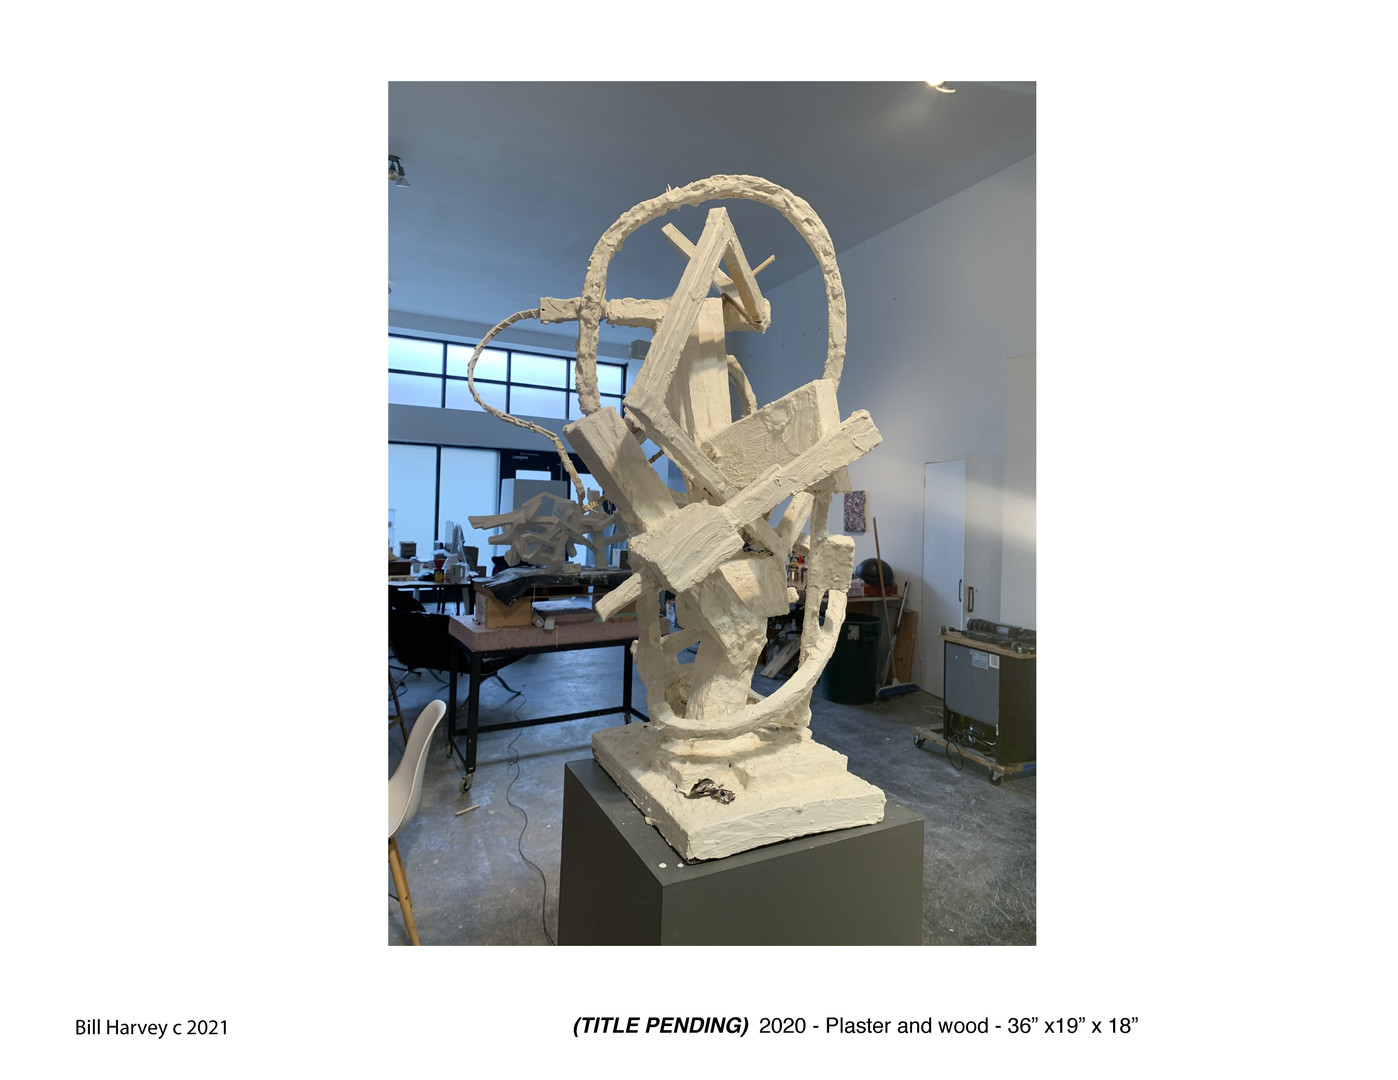 17. ART PRES